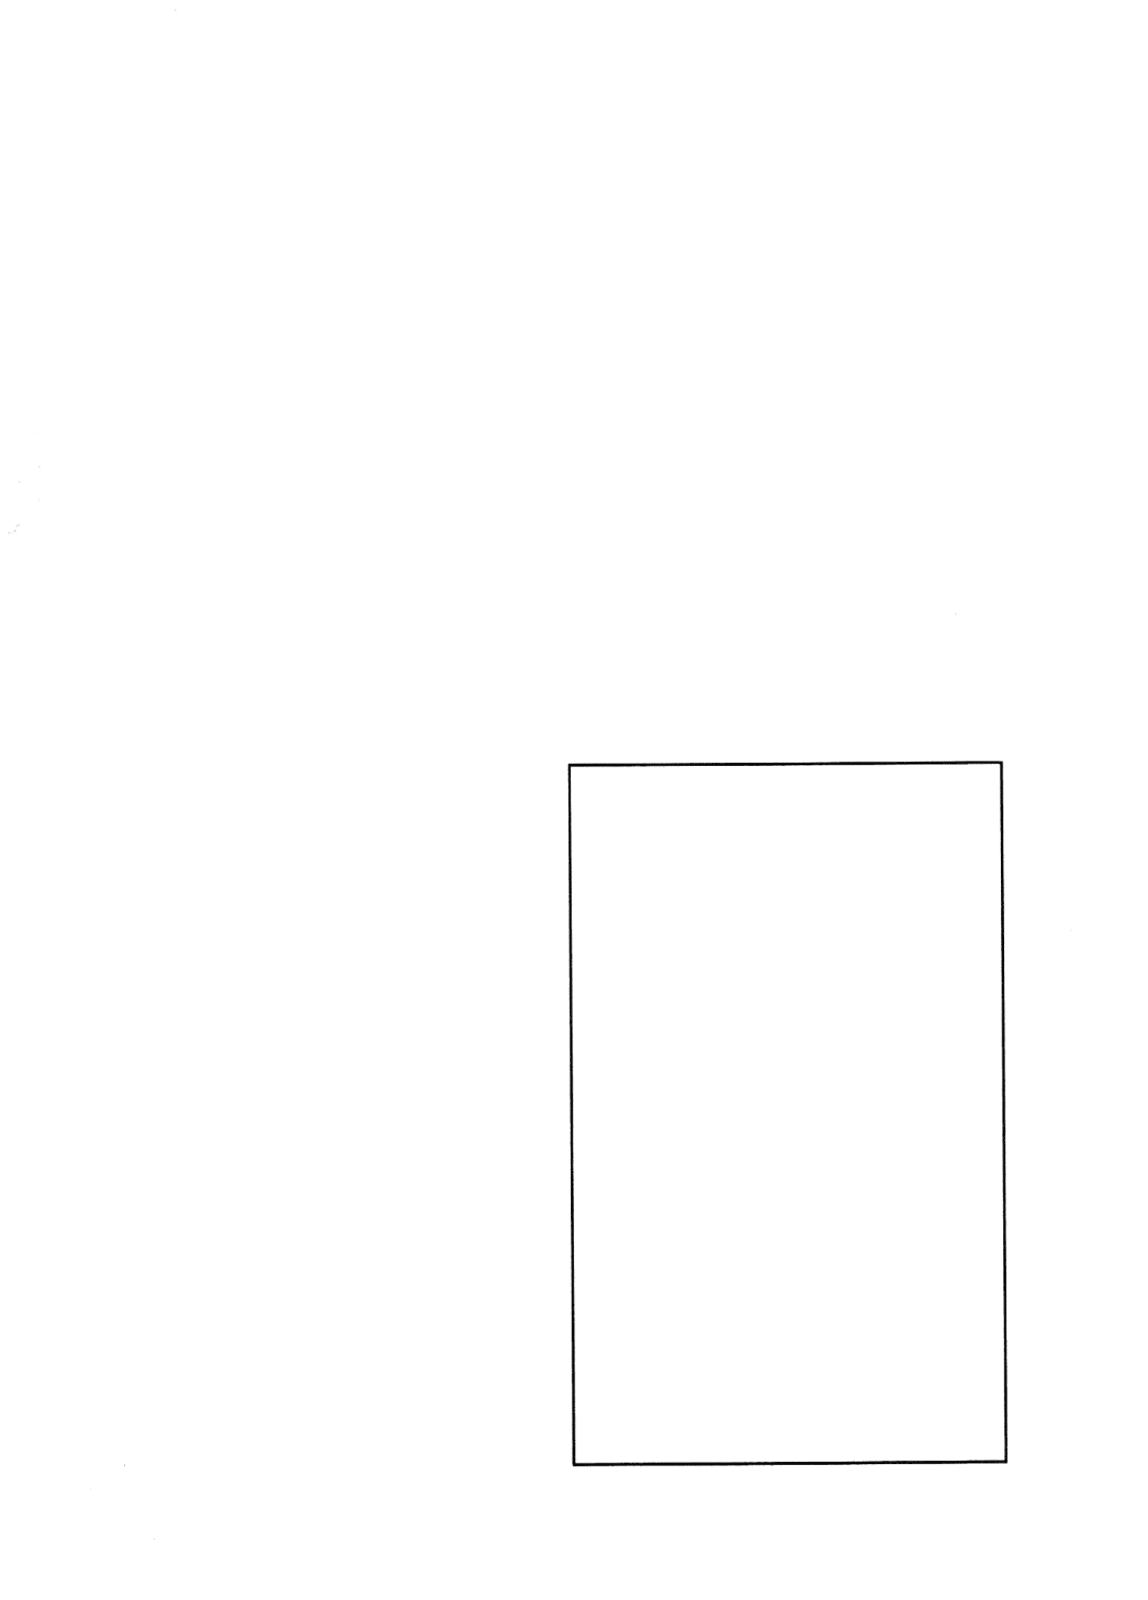 https://nine.mangadogs.com/br_manga/pic/59/6587/6500388/OyasumiPunpun146_0_844.png Page 1